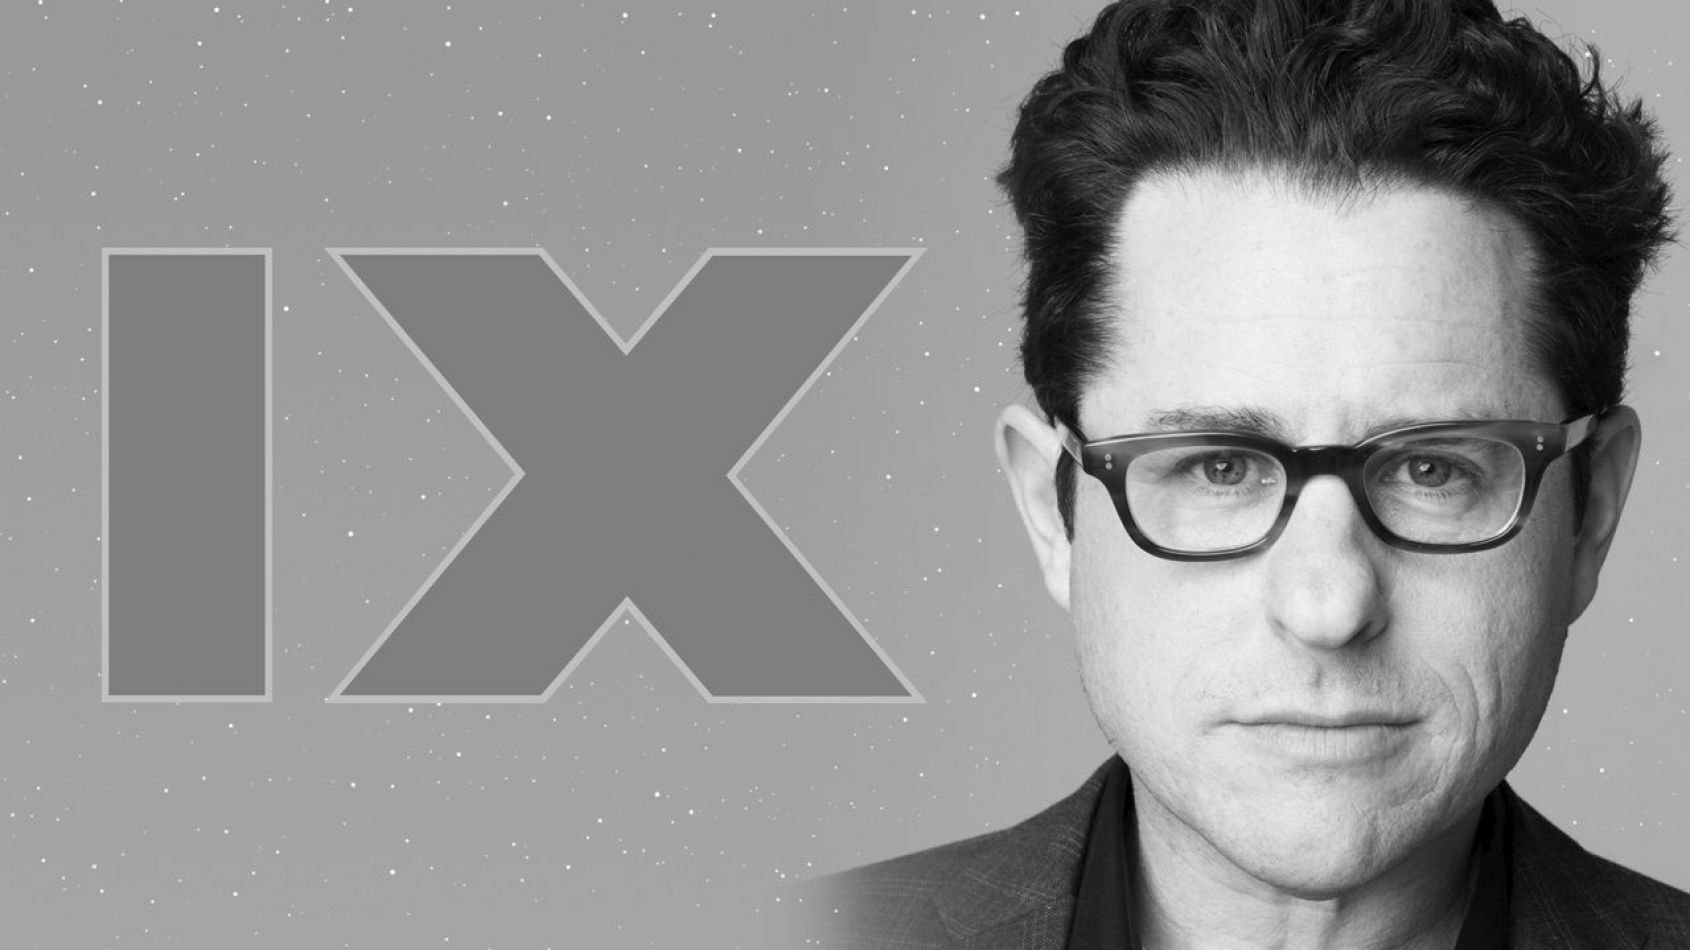 J.J. Abrams partage la première photo de Star Wars Episode IX !